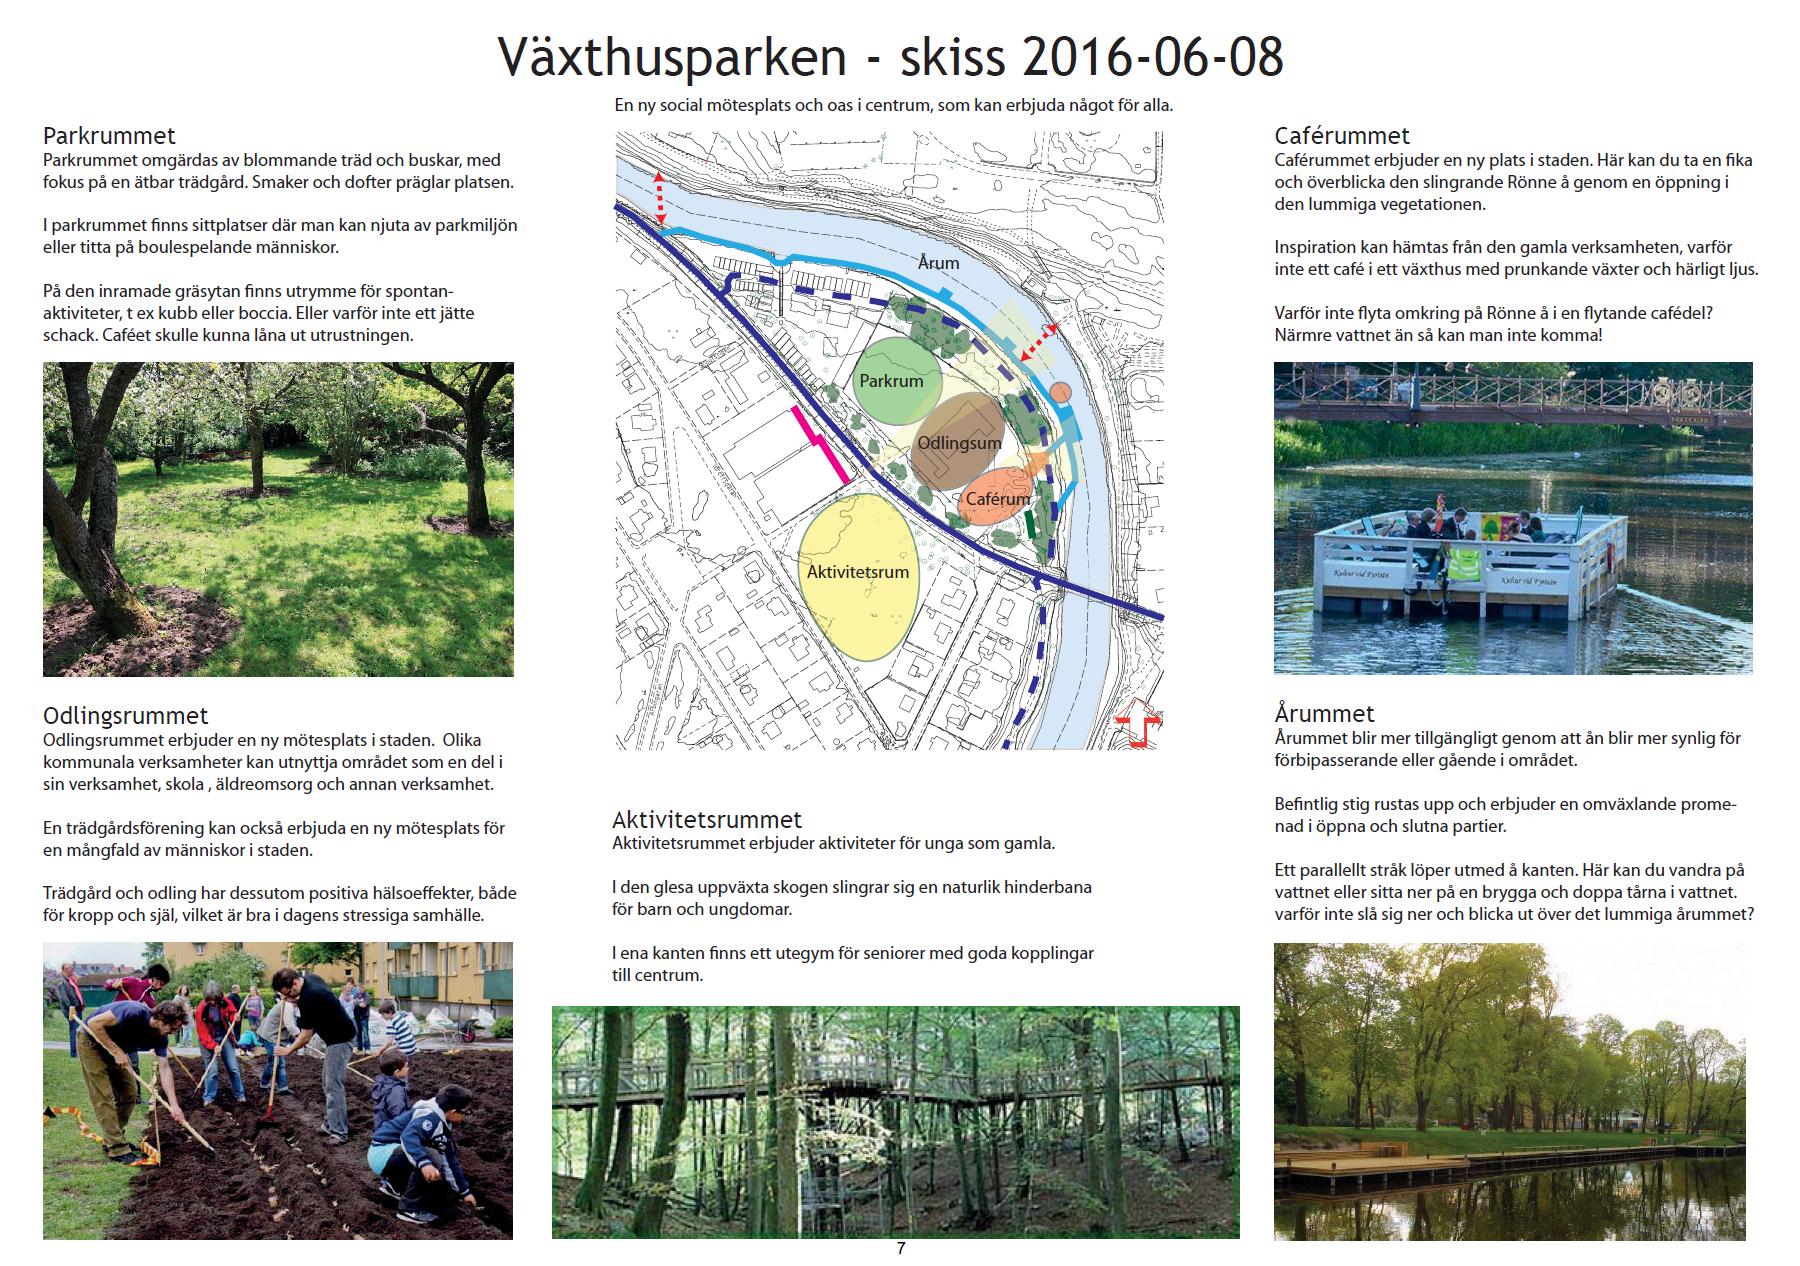 Växthusparken Skiss 2016-06-08 Blad 2